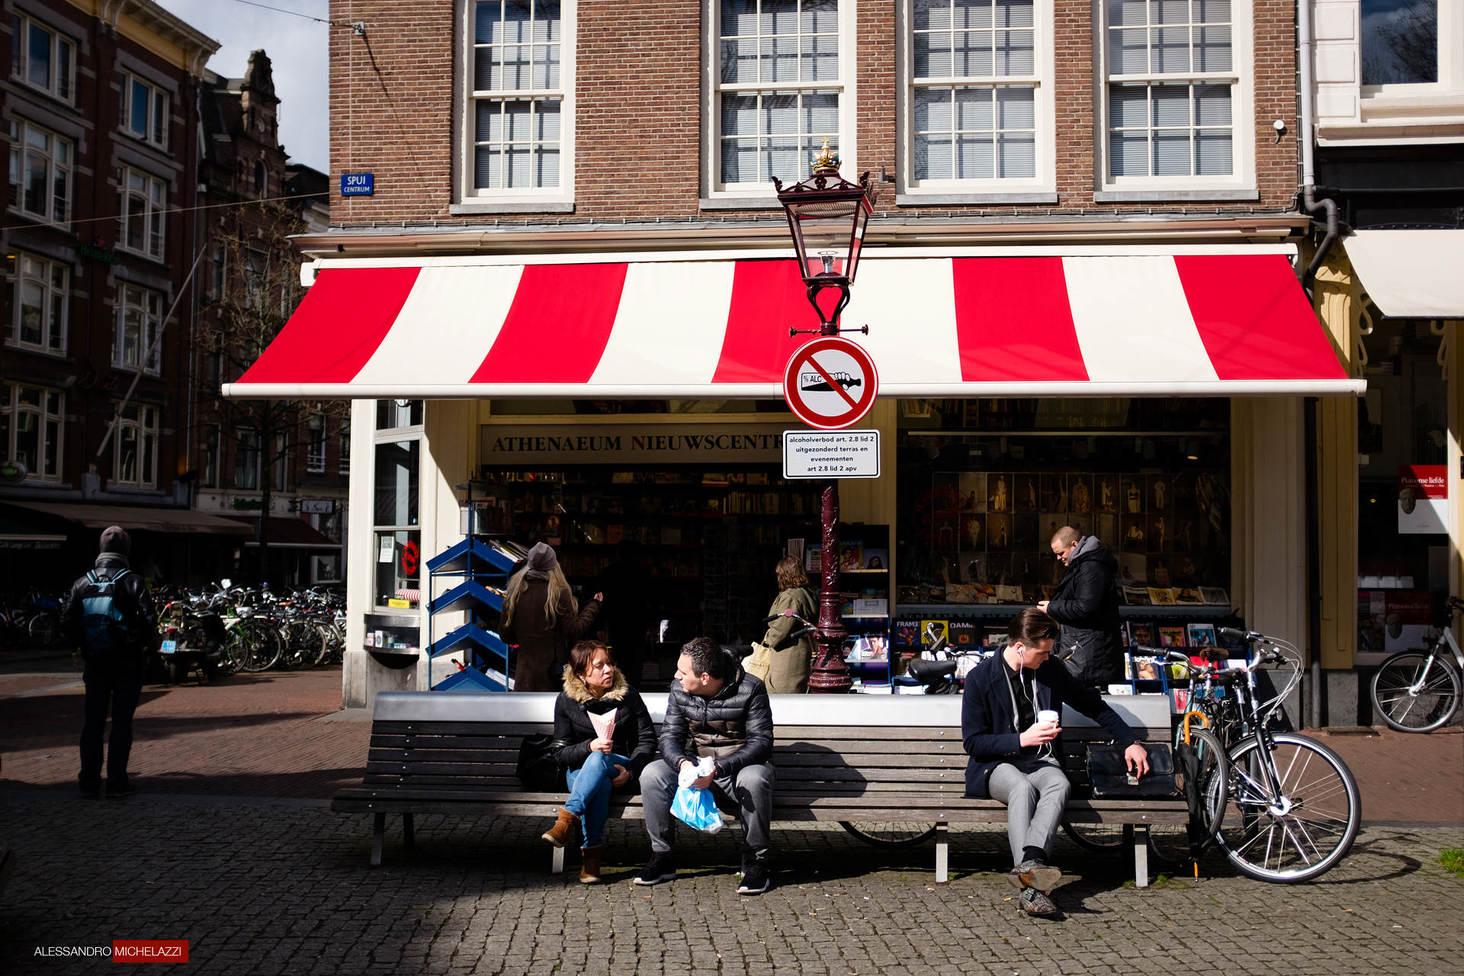 Amsterdam-Alessandro-Michelazzi-7